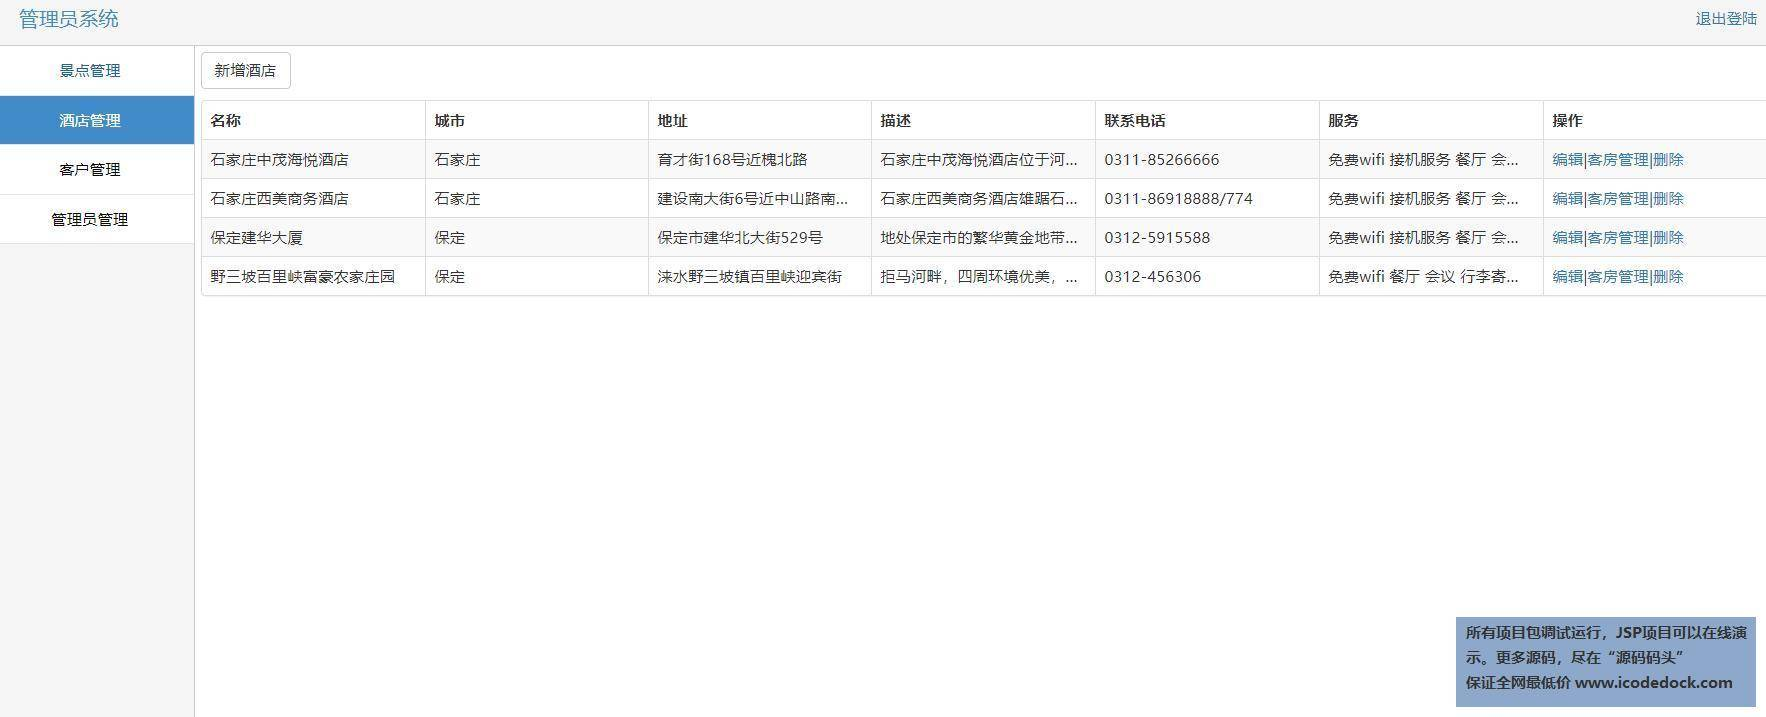 源码码头-SSH自驾游管理系统-管理员角色-酒店管理